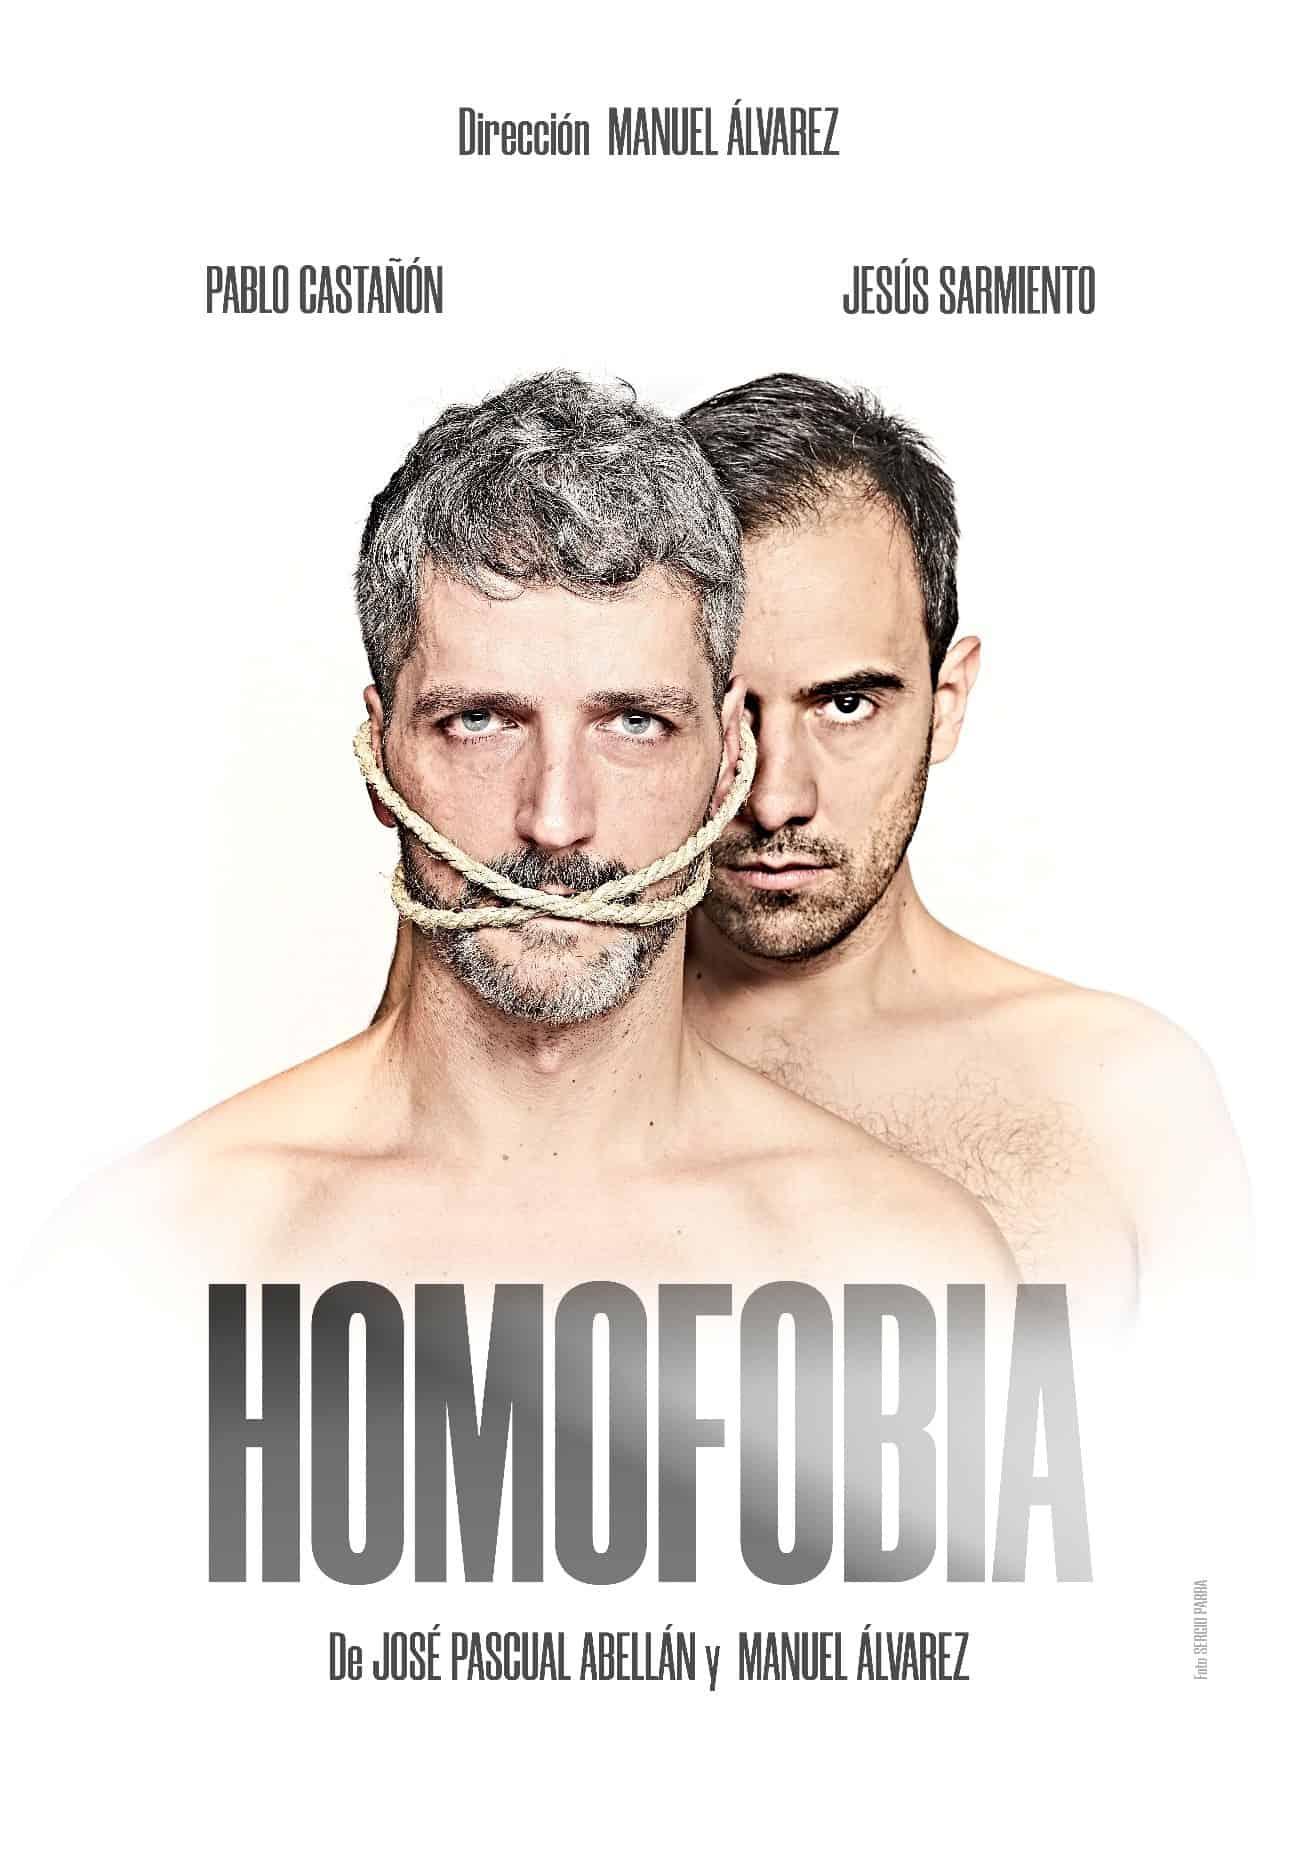 Cartel de la obra teatral Homofocia